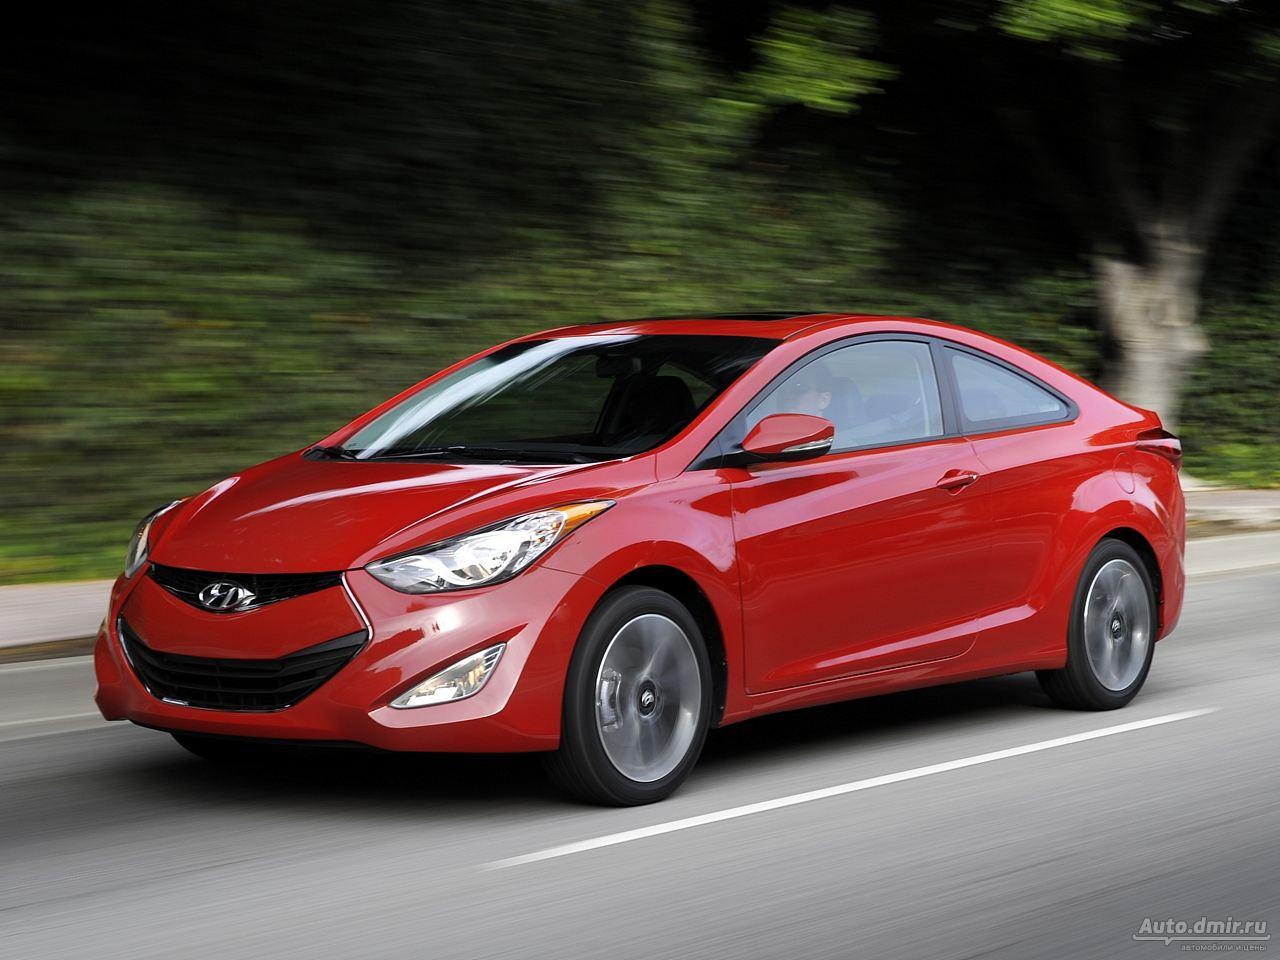 Hyundai Creta технические характеристики цена купить фото